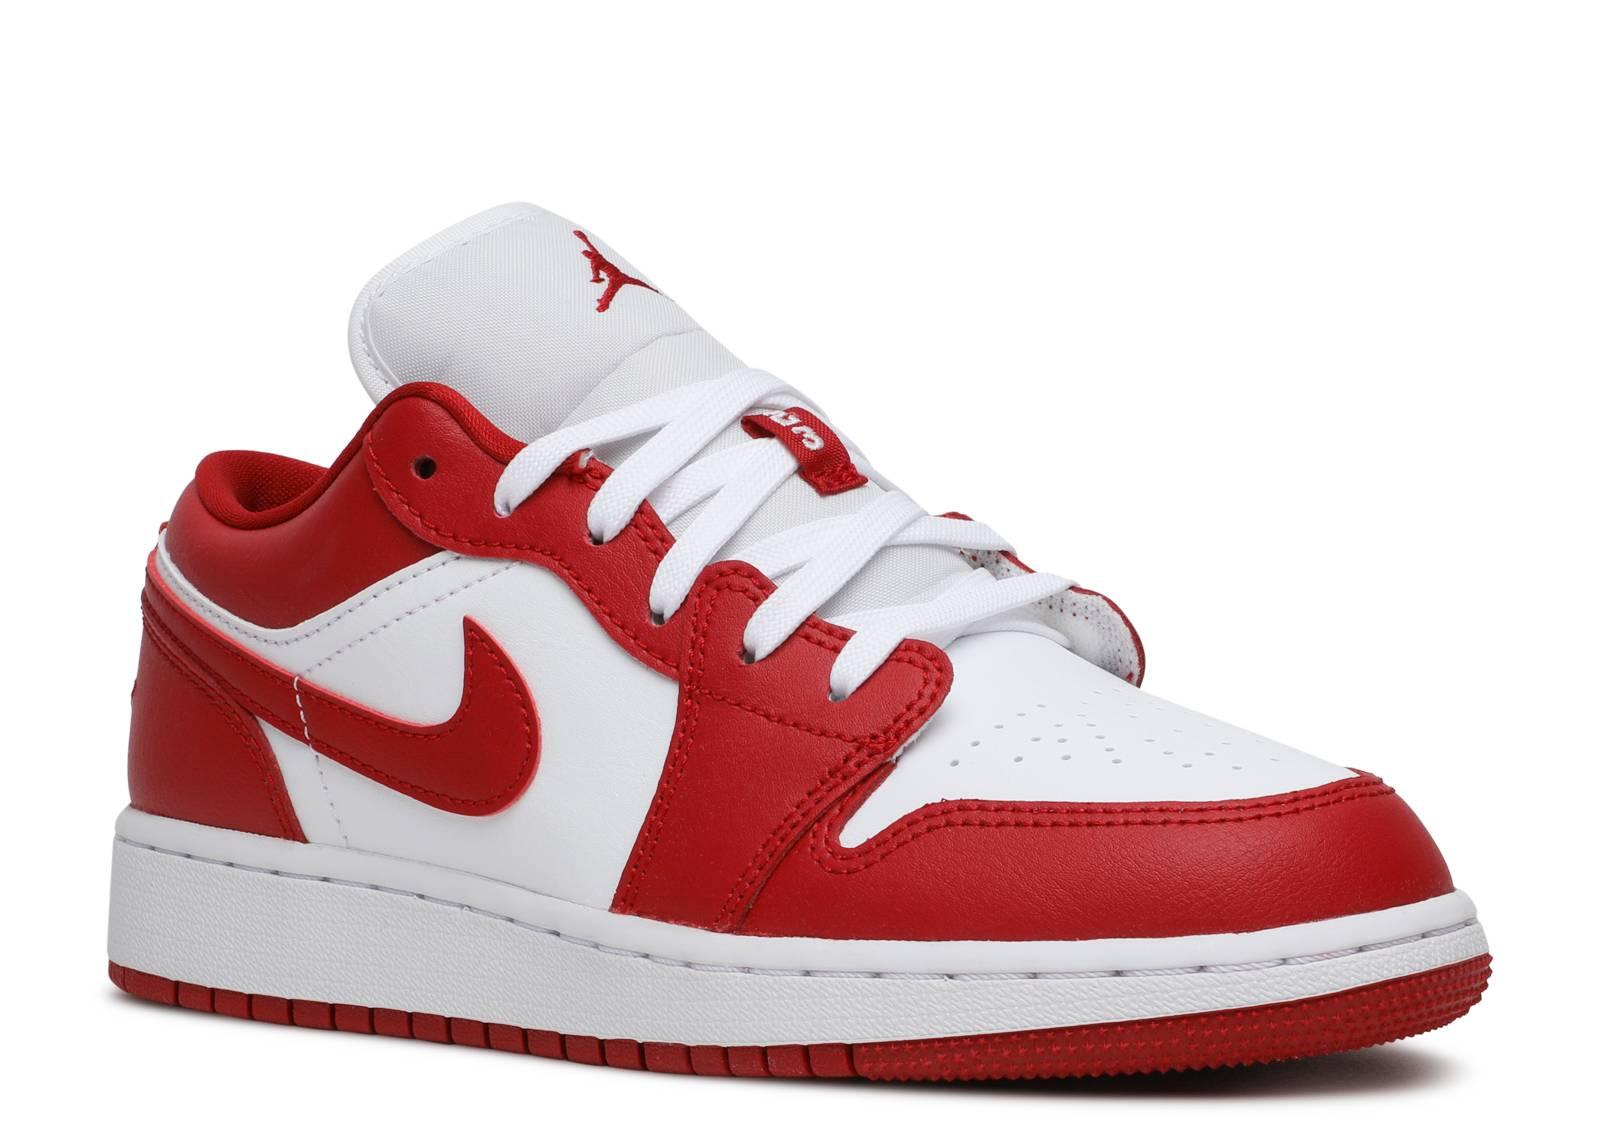 Air Jordan 1 Low Gs Air Jordan 553560 611 Gym Red Gym Red